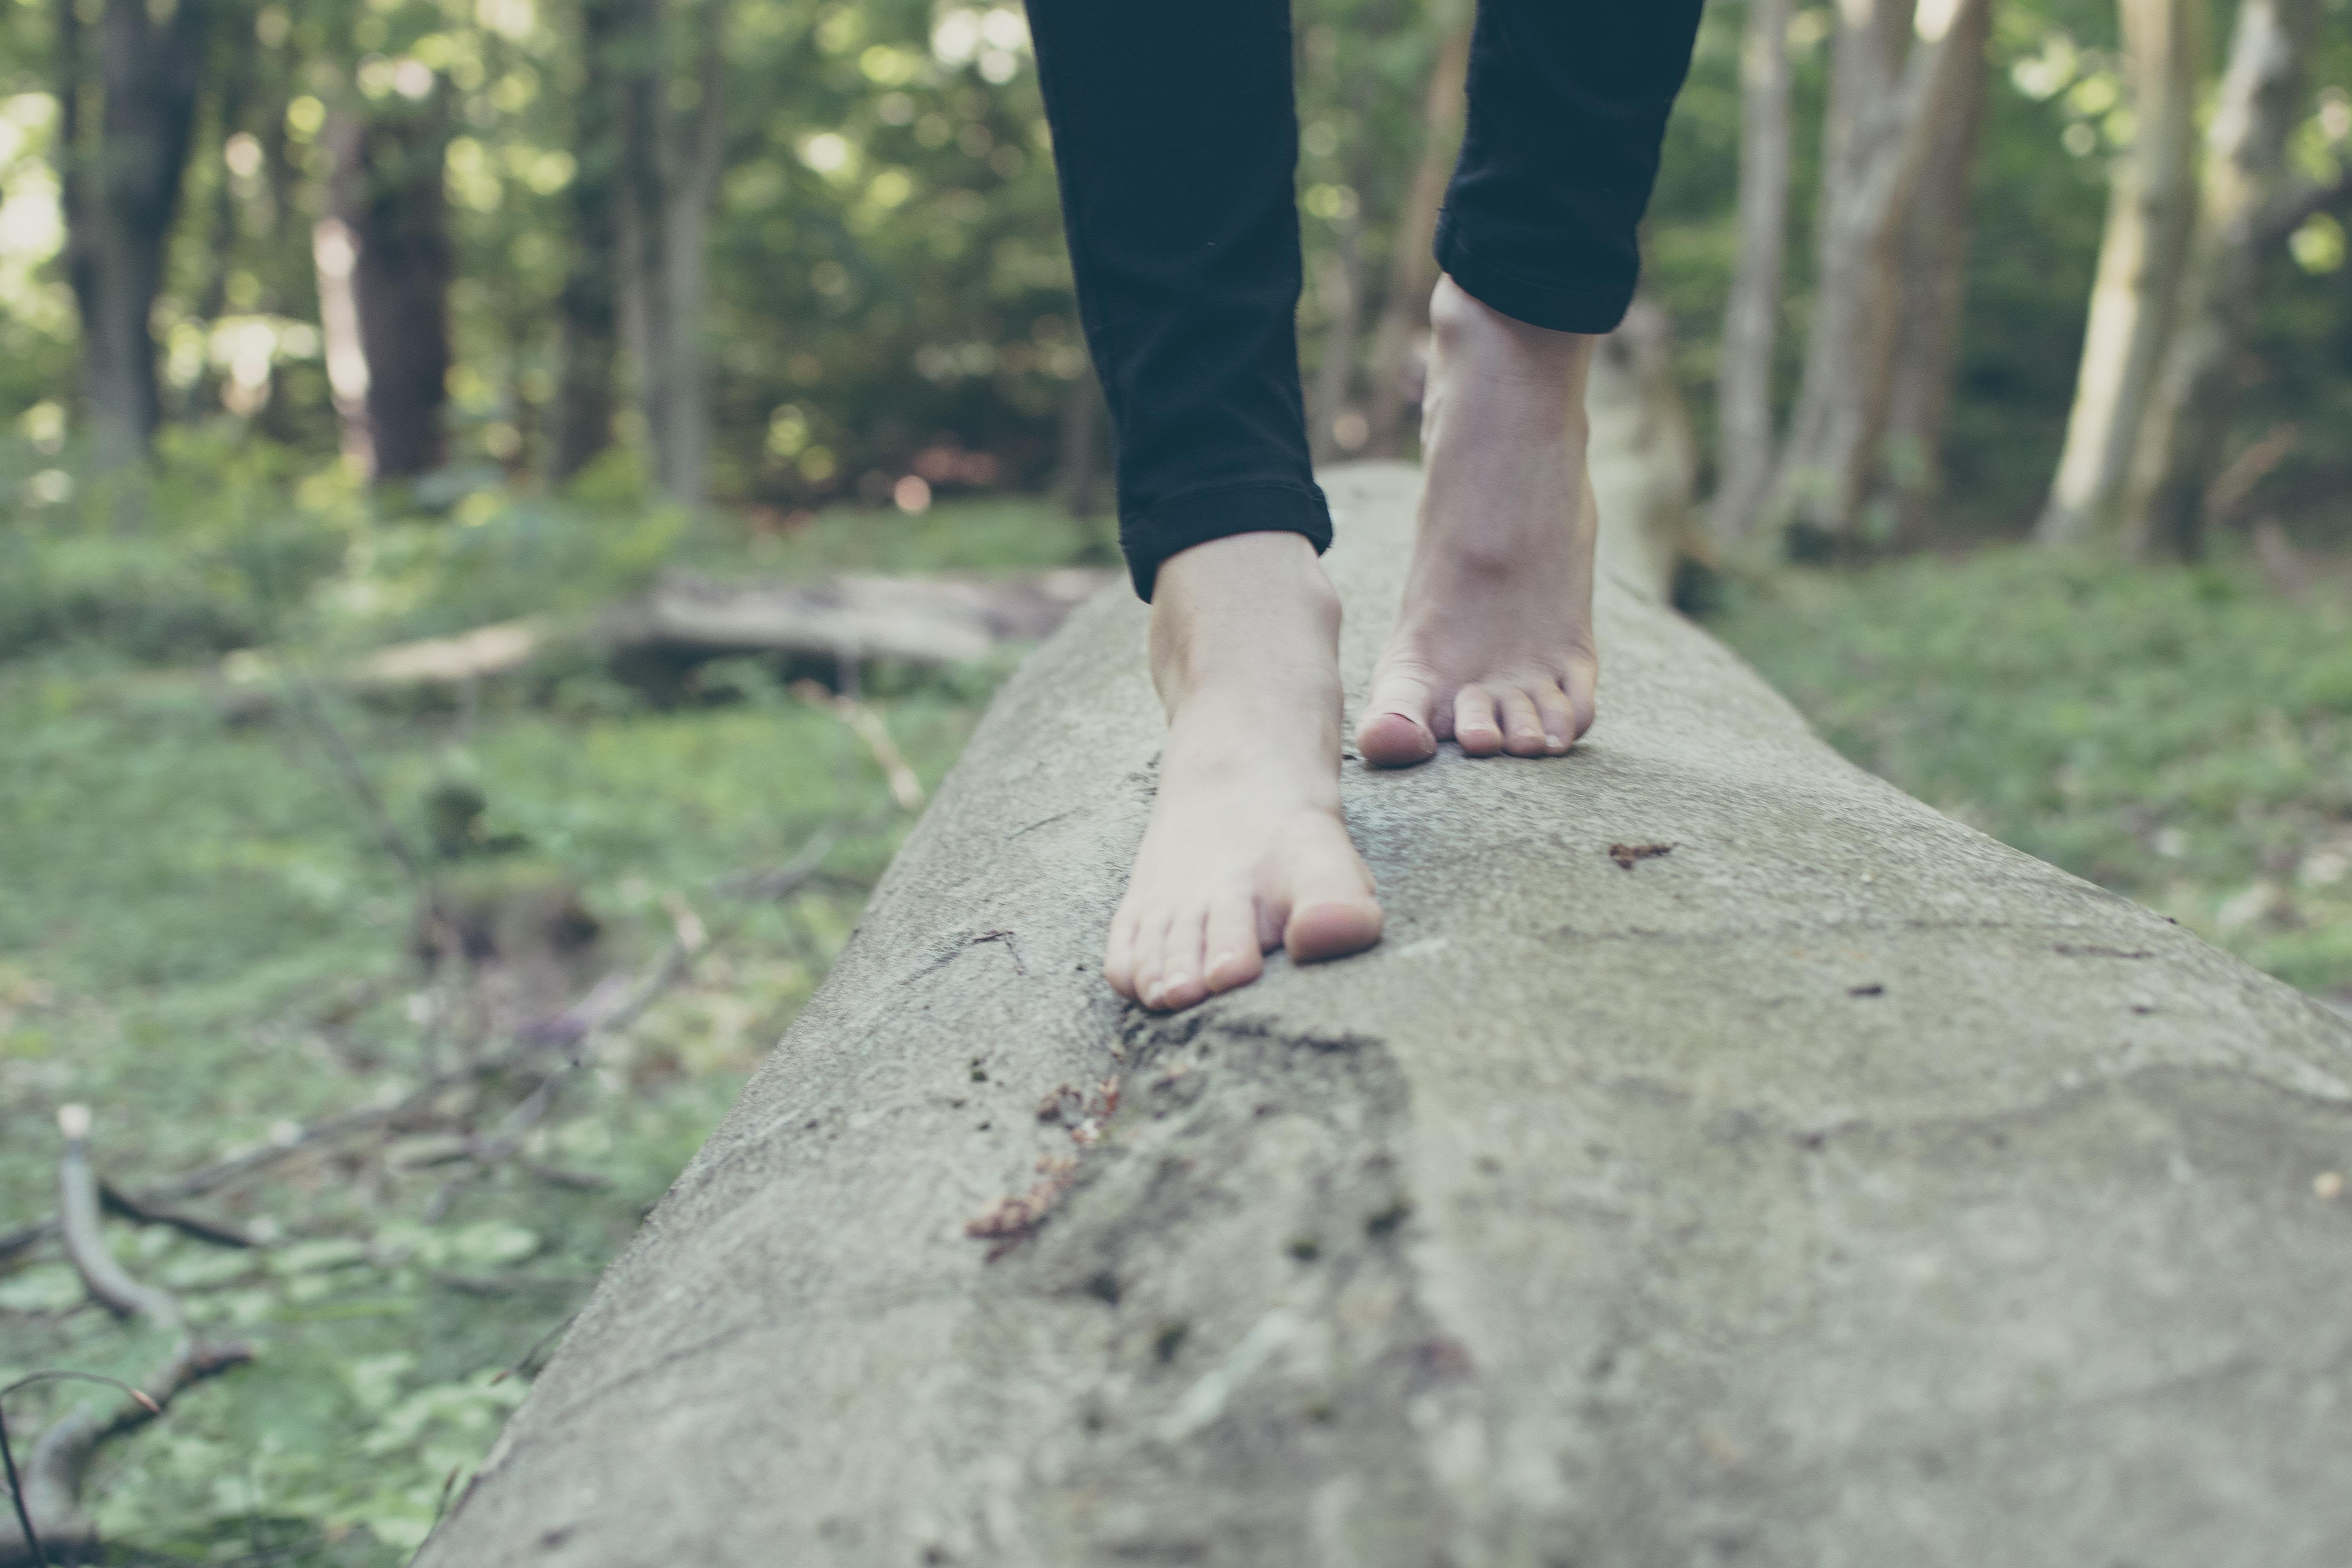 母趾内転筋の特徴と作用 【足の横アーチを作る筋肉】